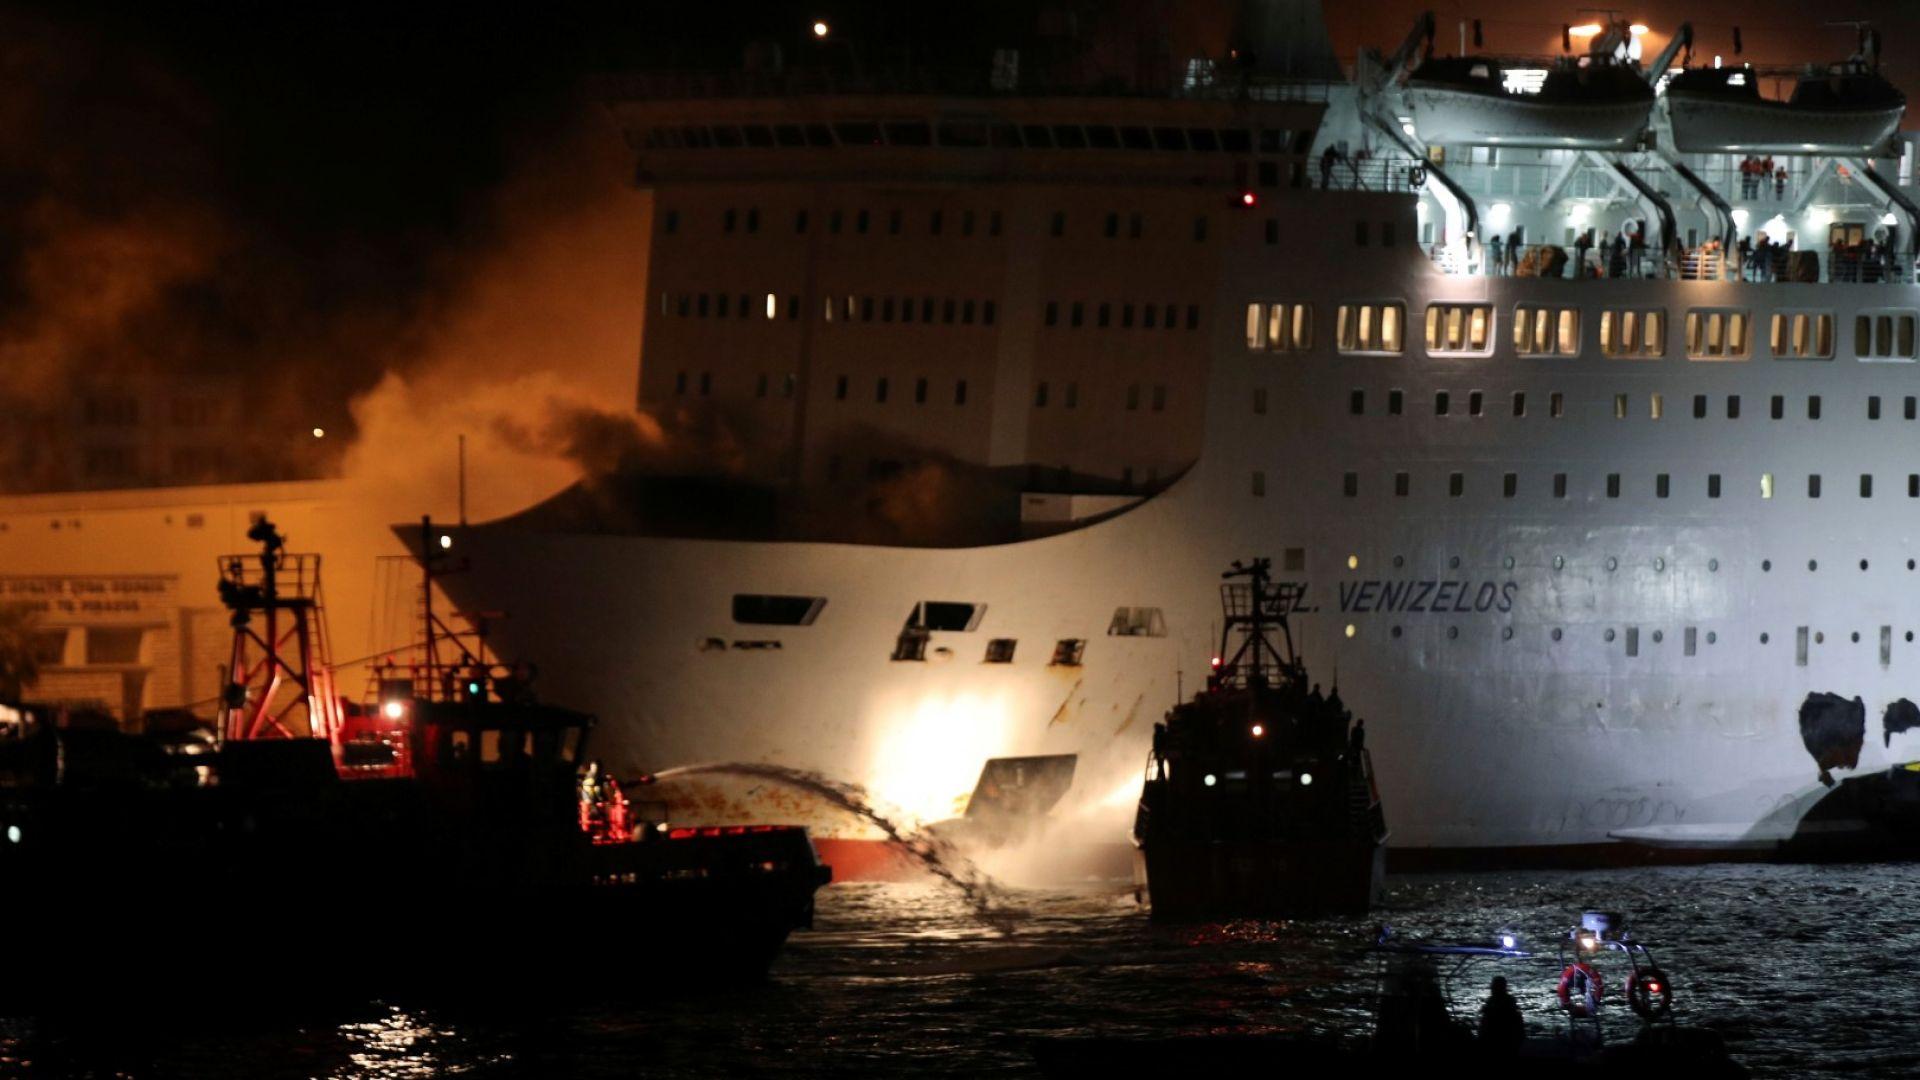 Пожар на гръцки ферибот, пътниците свалени със спасителни жилетки (снимки)